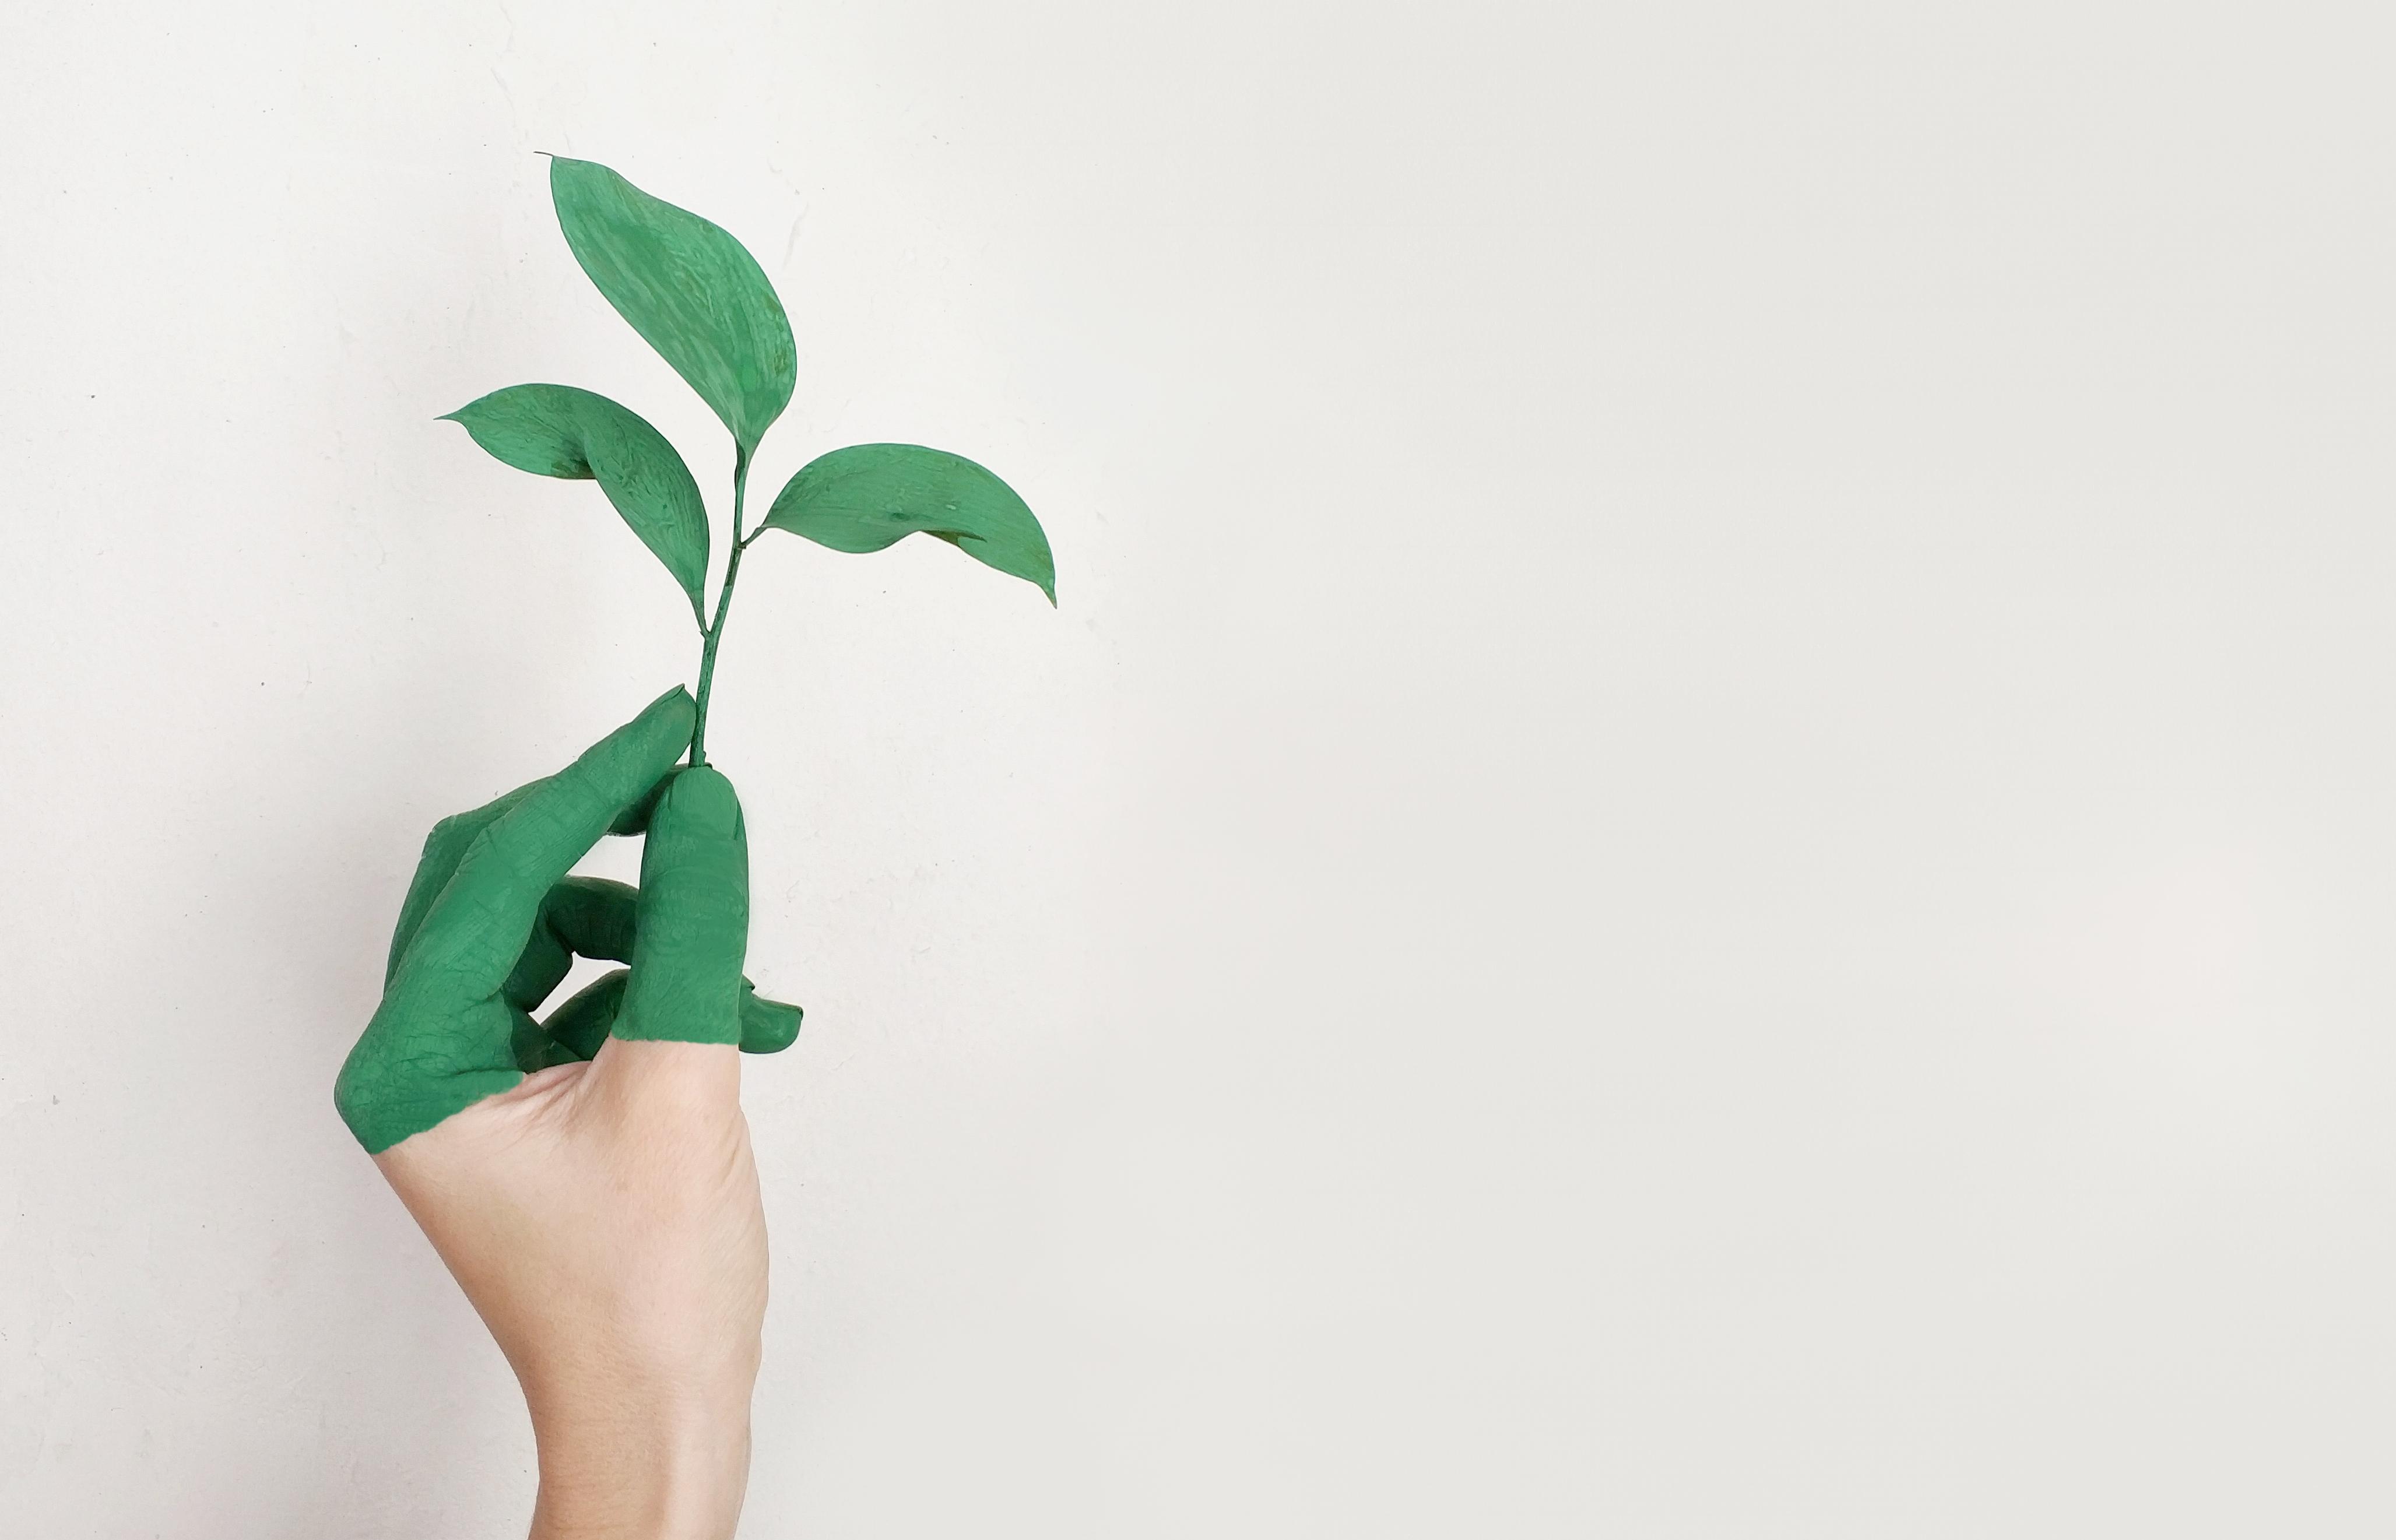 Dados não financeiros e relatório de sustentabilidade: rumo a uma nova cultura de inovação sustentável